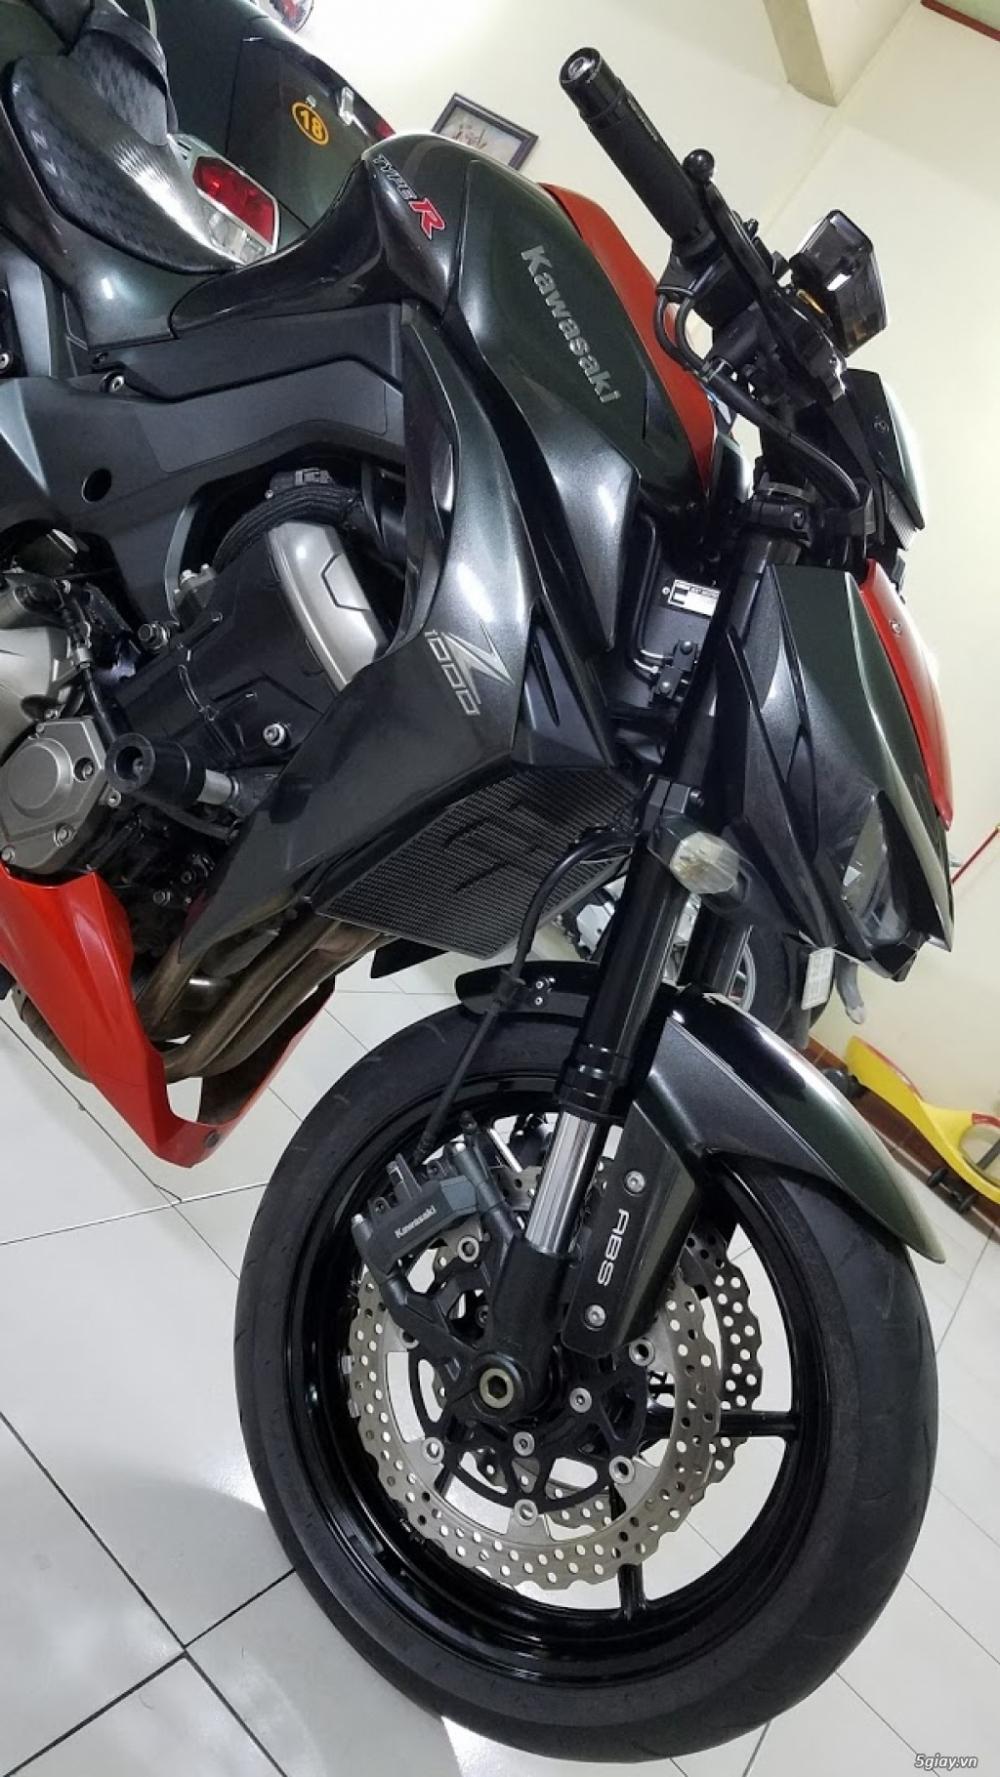 Ban Kawasaki Z1000 62015 ABS HISS Chau Au Saigon bien dep - 4